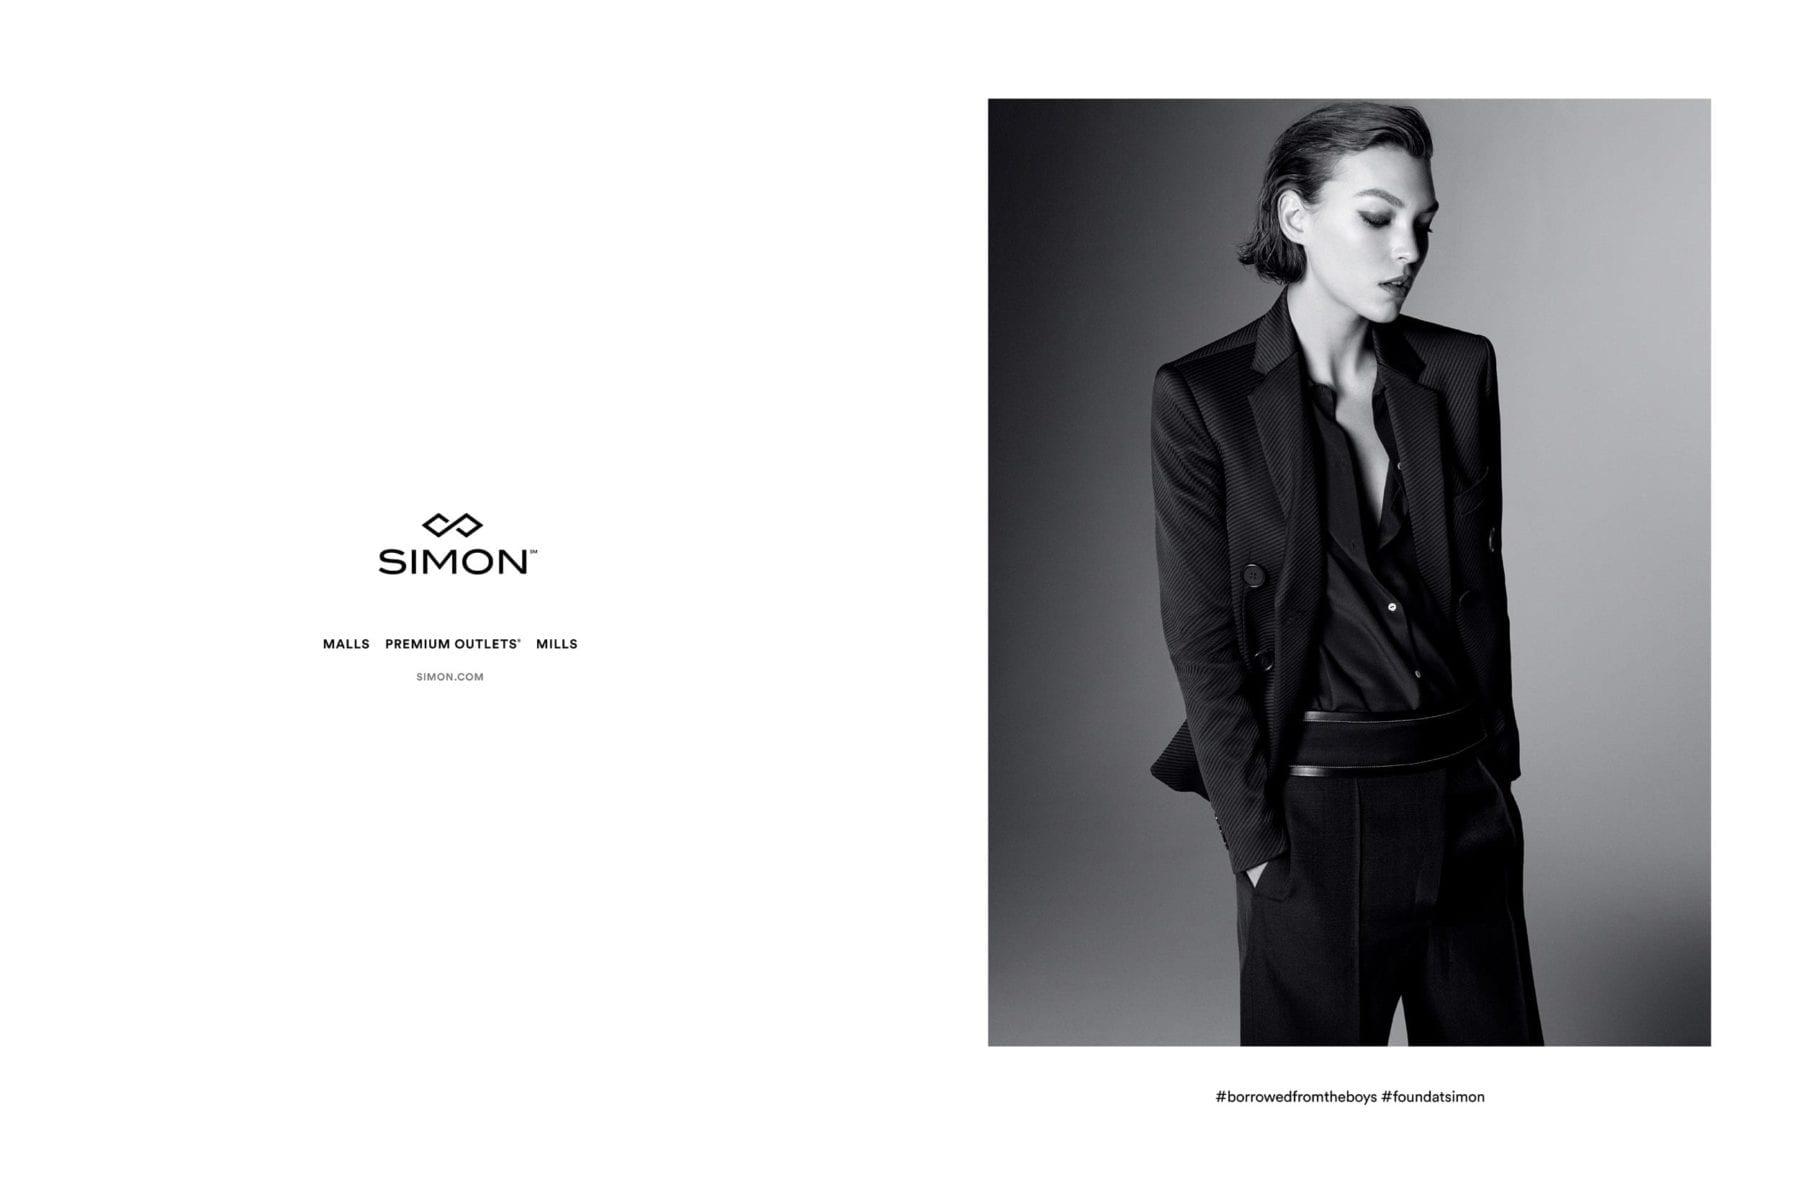 SIMON_LUX_FA16_Lux_SelfService_SEPT